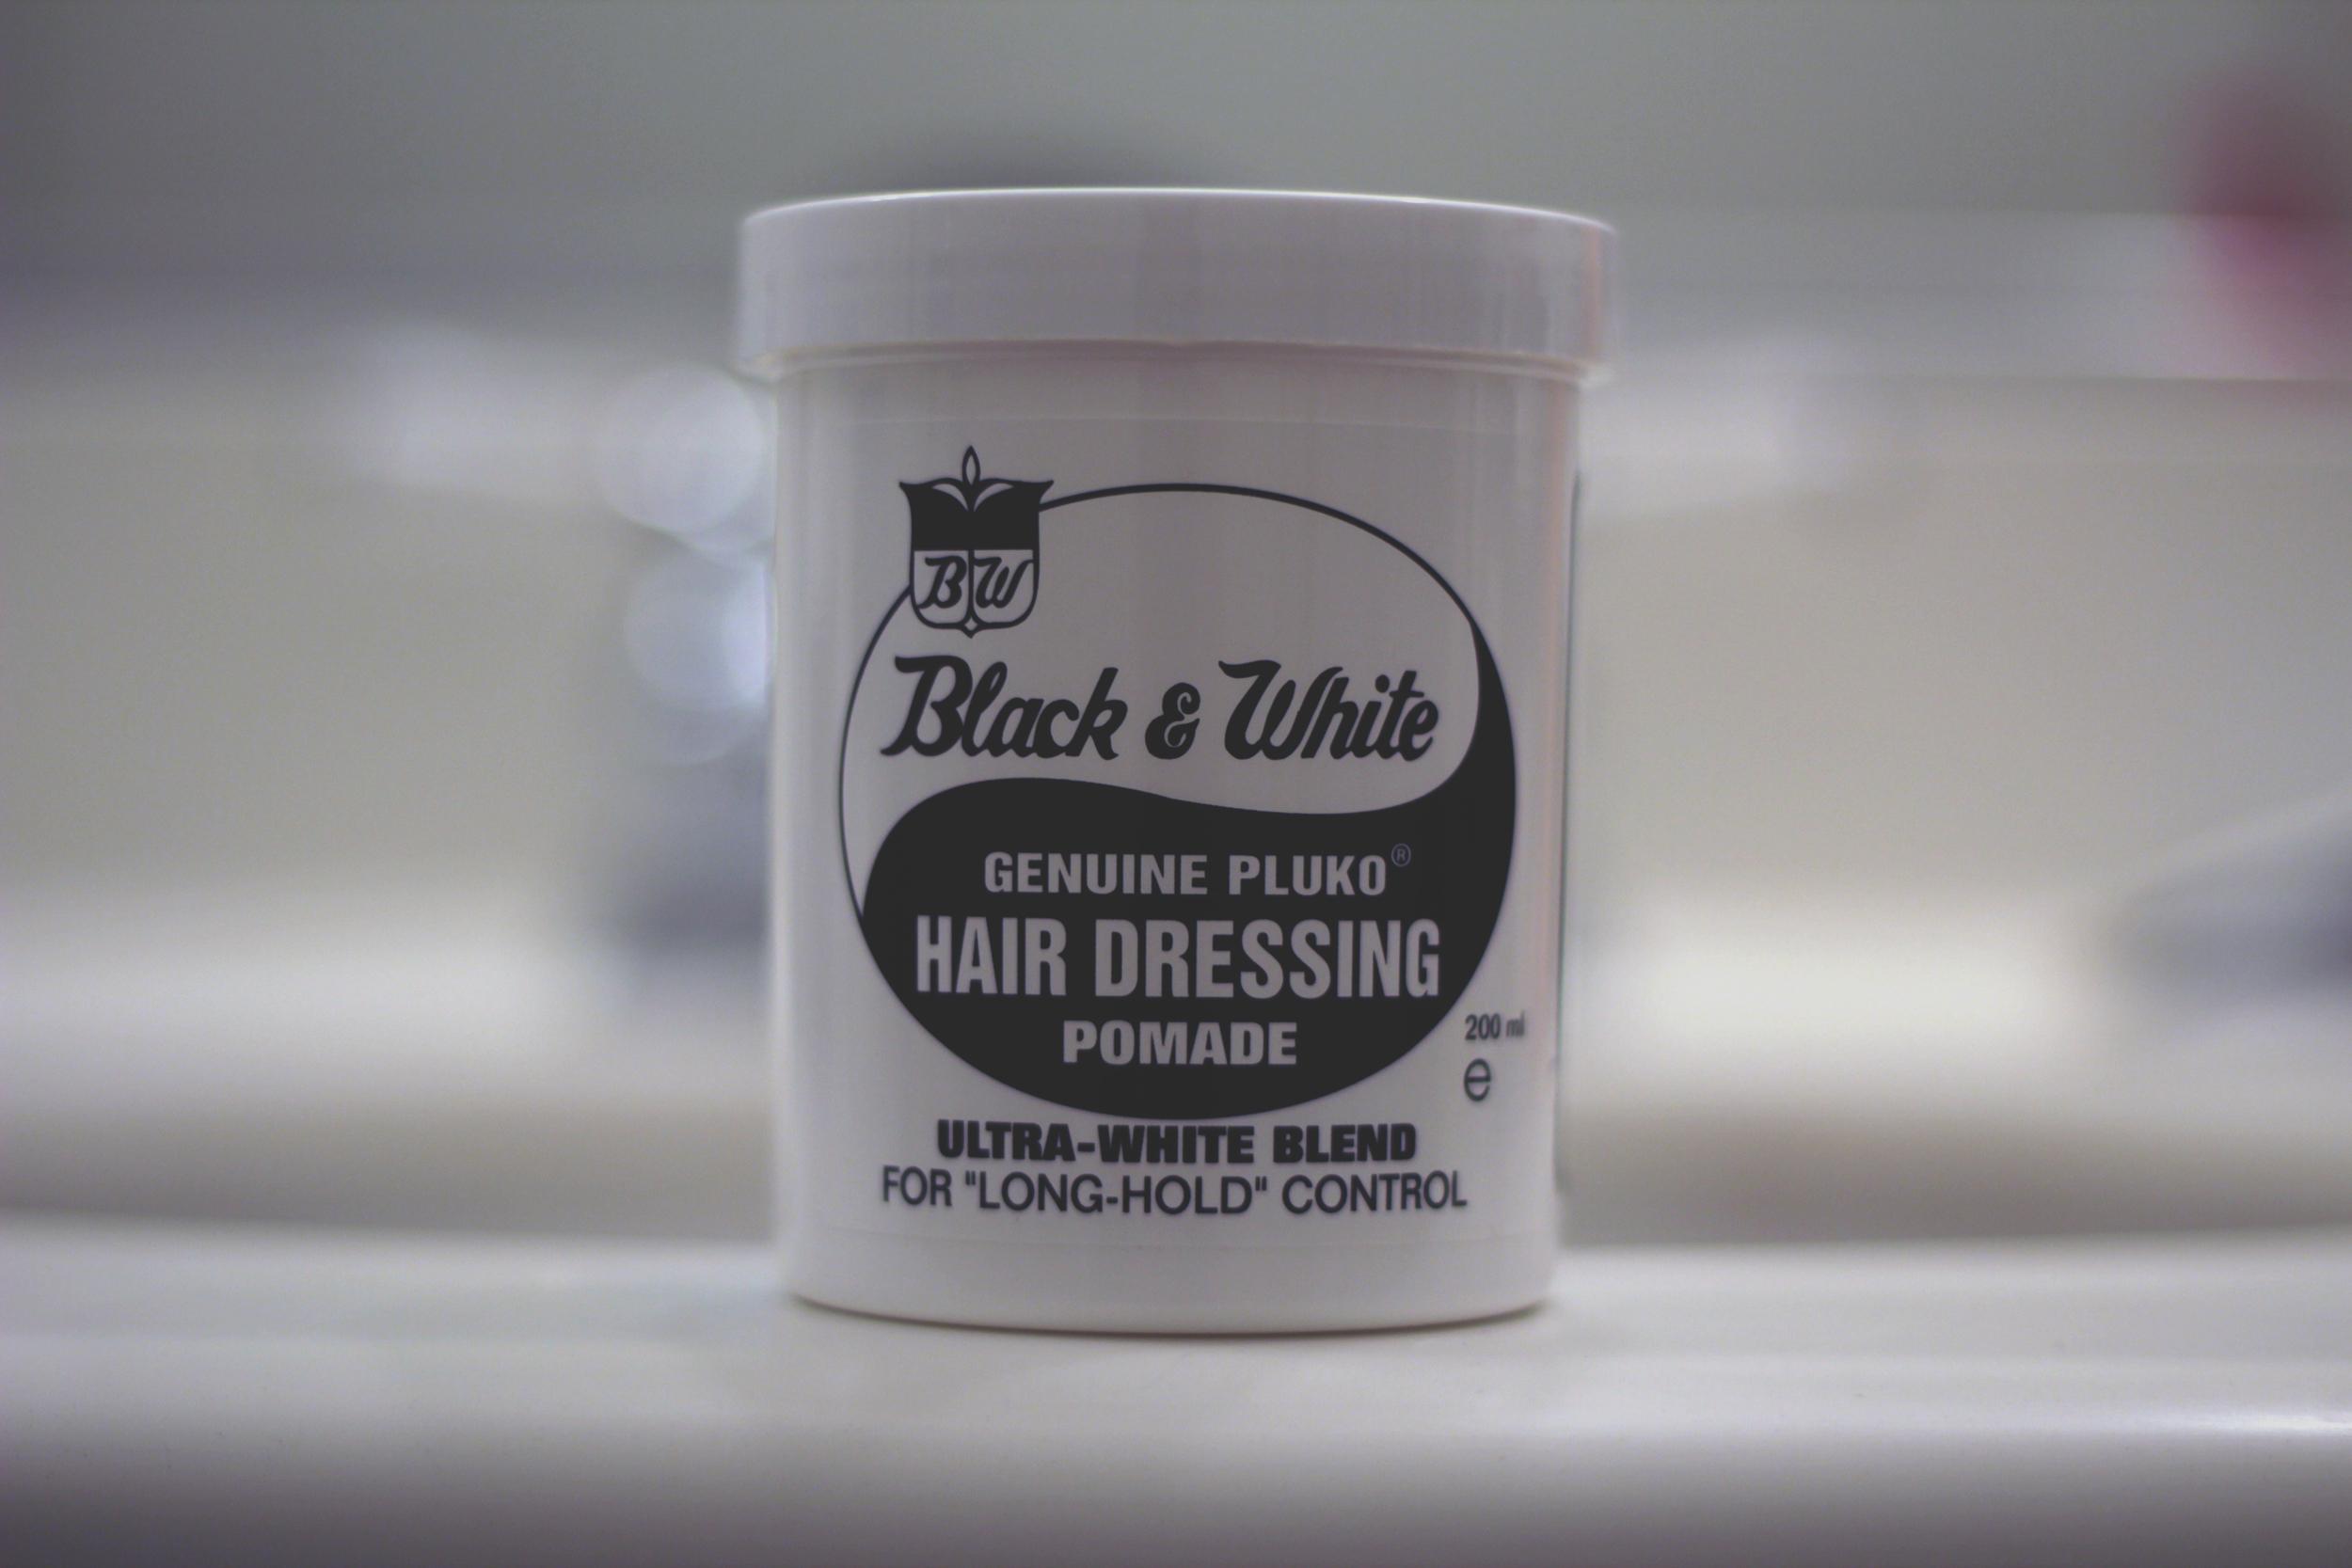 Black & White Hair Dressing Pomade - jar